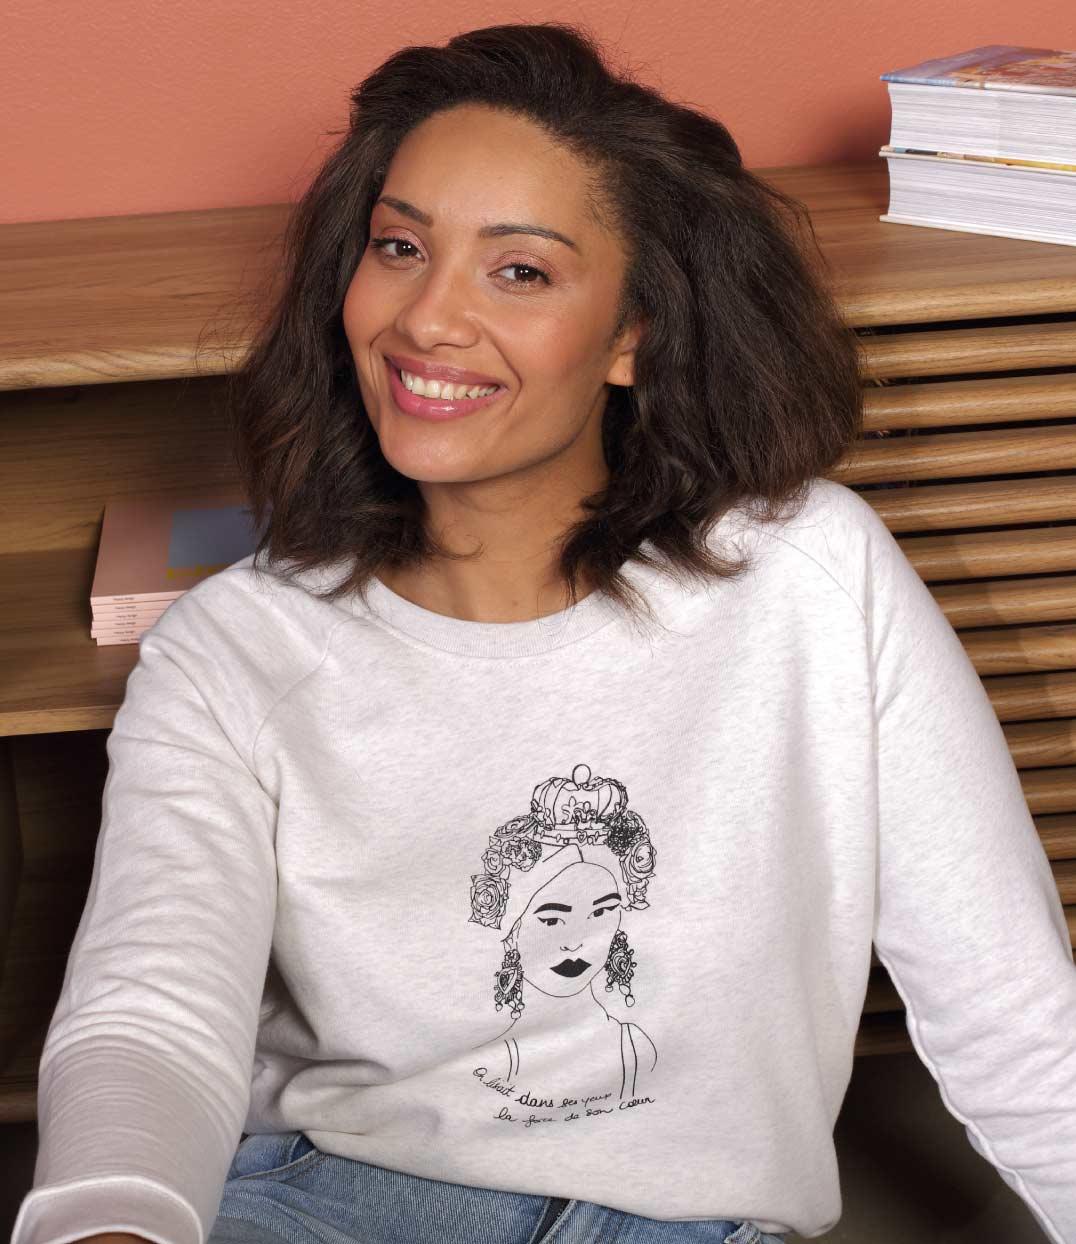 une femme porte le sweat crème esperanza leonor roversi. Elle est assise et sourie à l'objectif